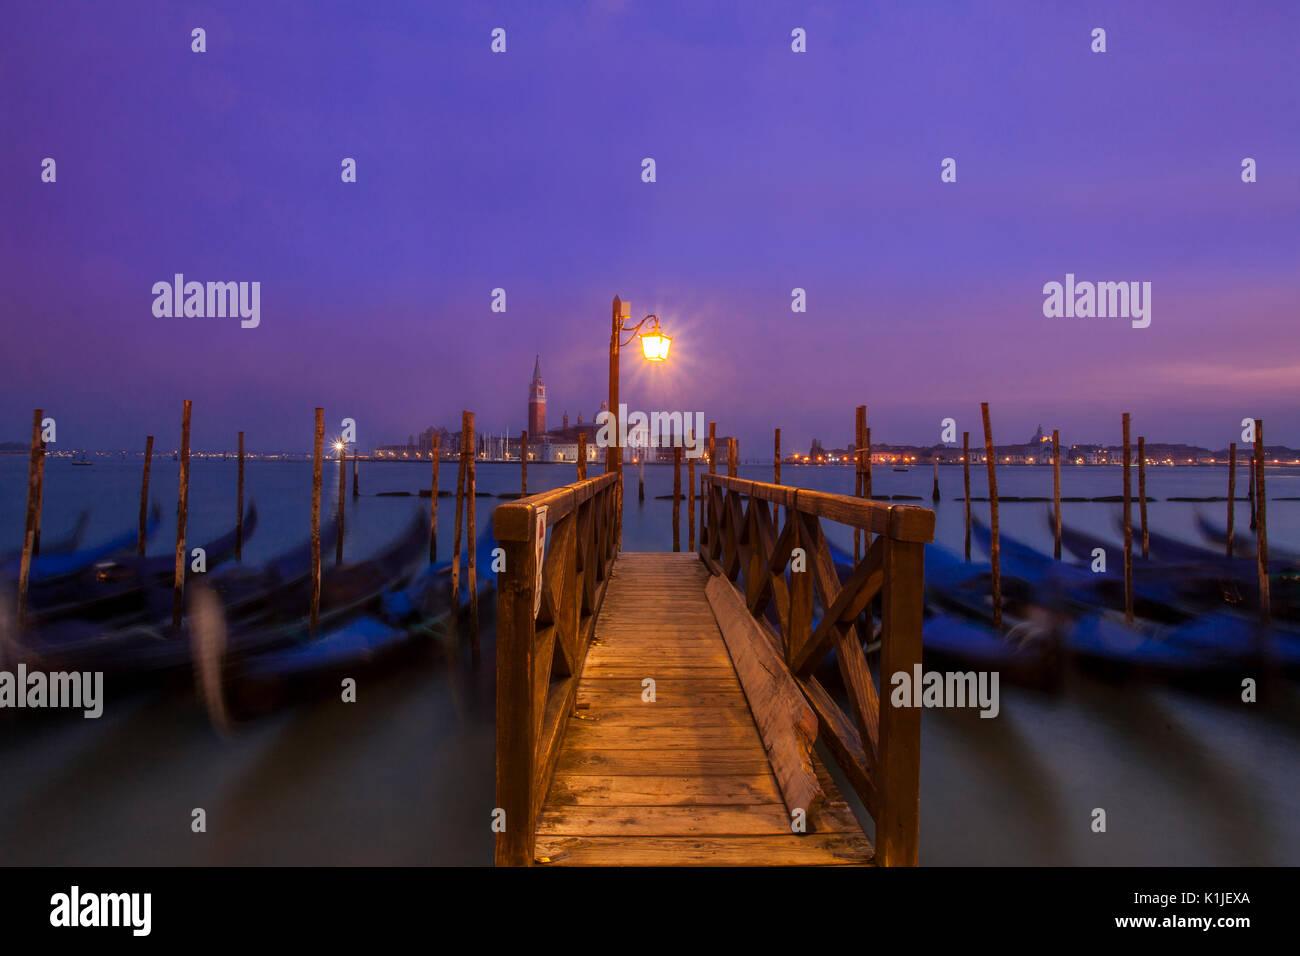 Gondolas at twilight with the island of San Giorgio Maggiore in the background. Stock Photo